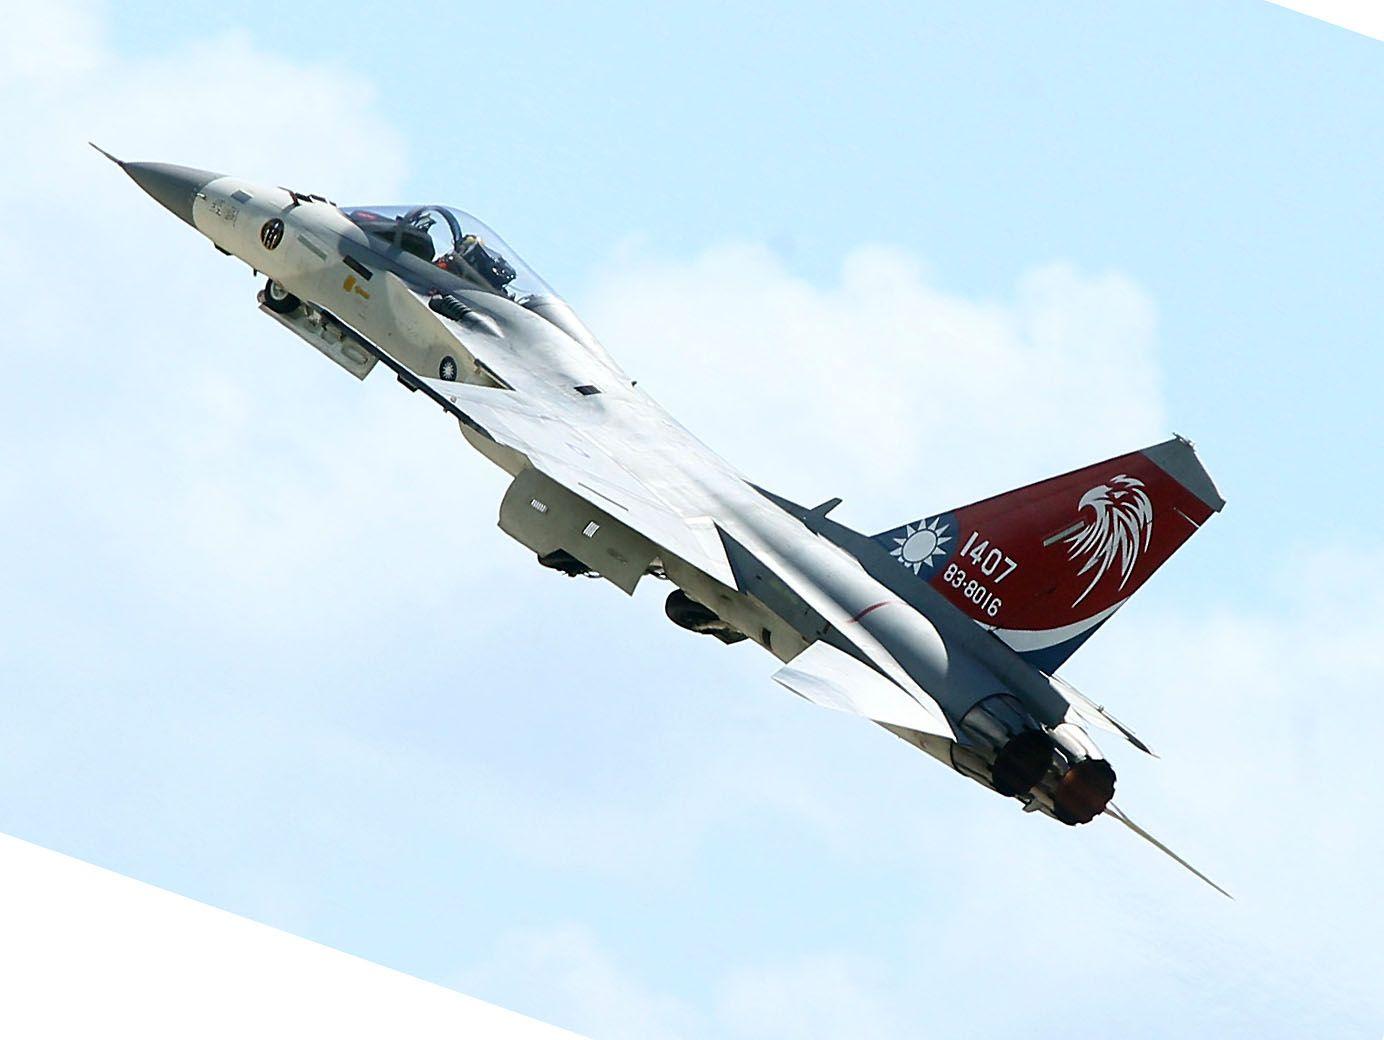 IDF經國號戰機實施高難度性能展示。(記者邱榮吉/台東拍攝)